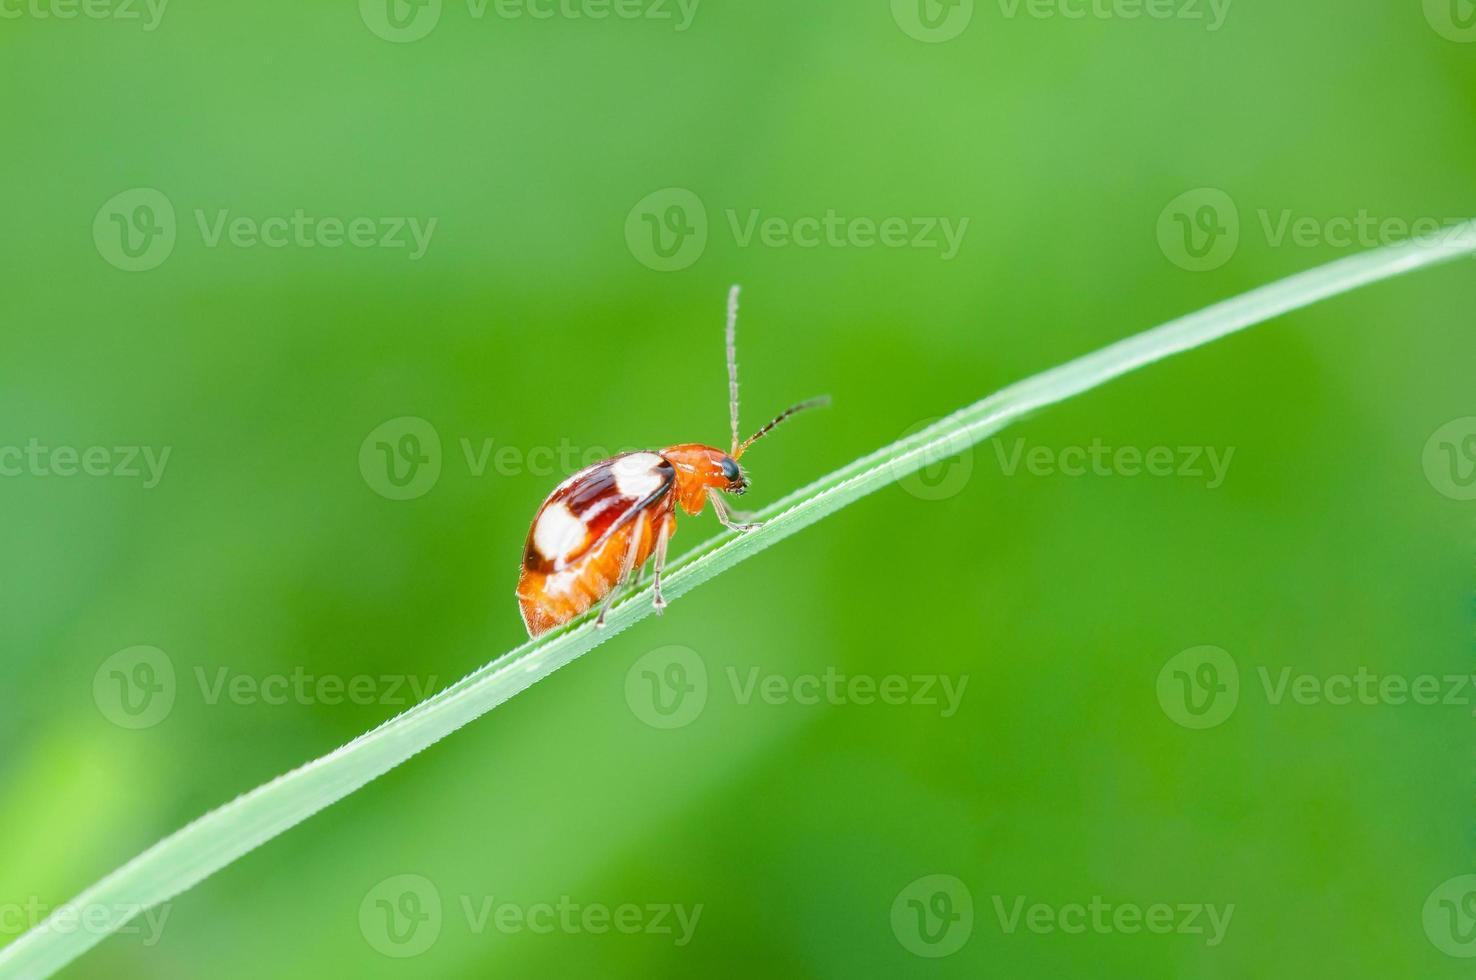 lieveheersbeestje dat op blad van groen gras loopt. prachtige natuur foto